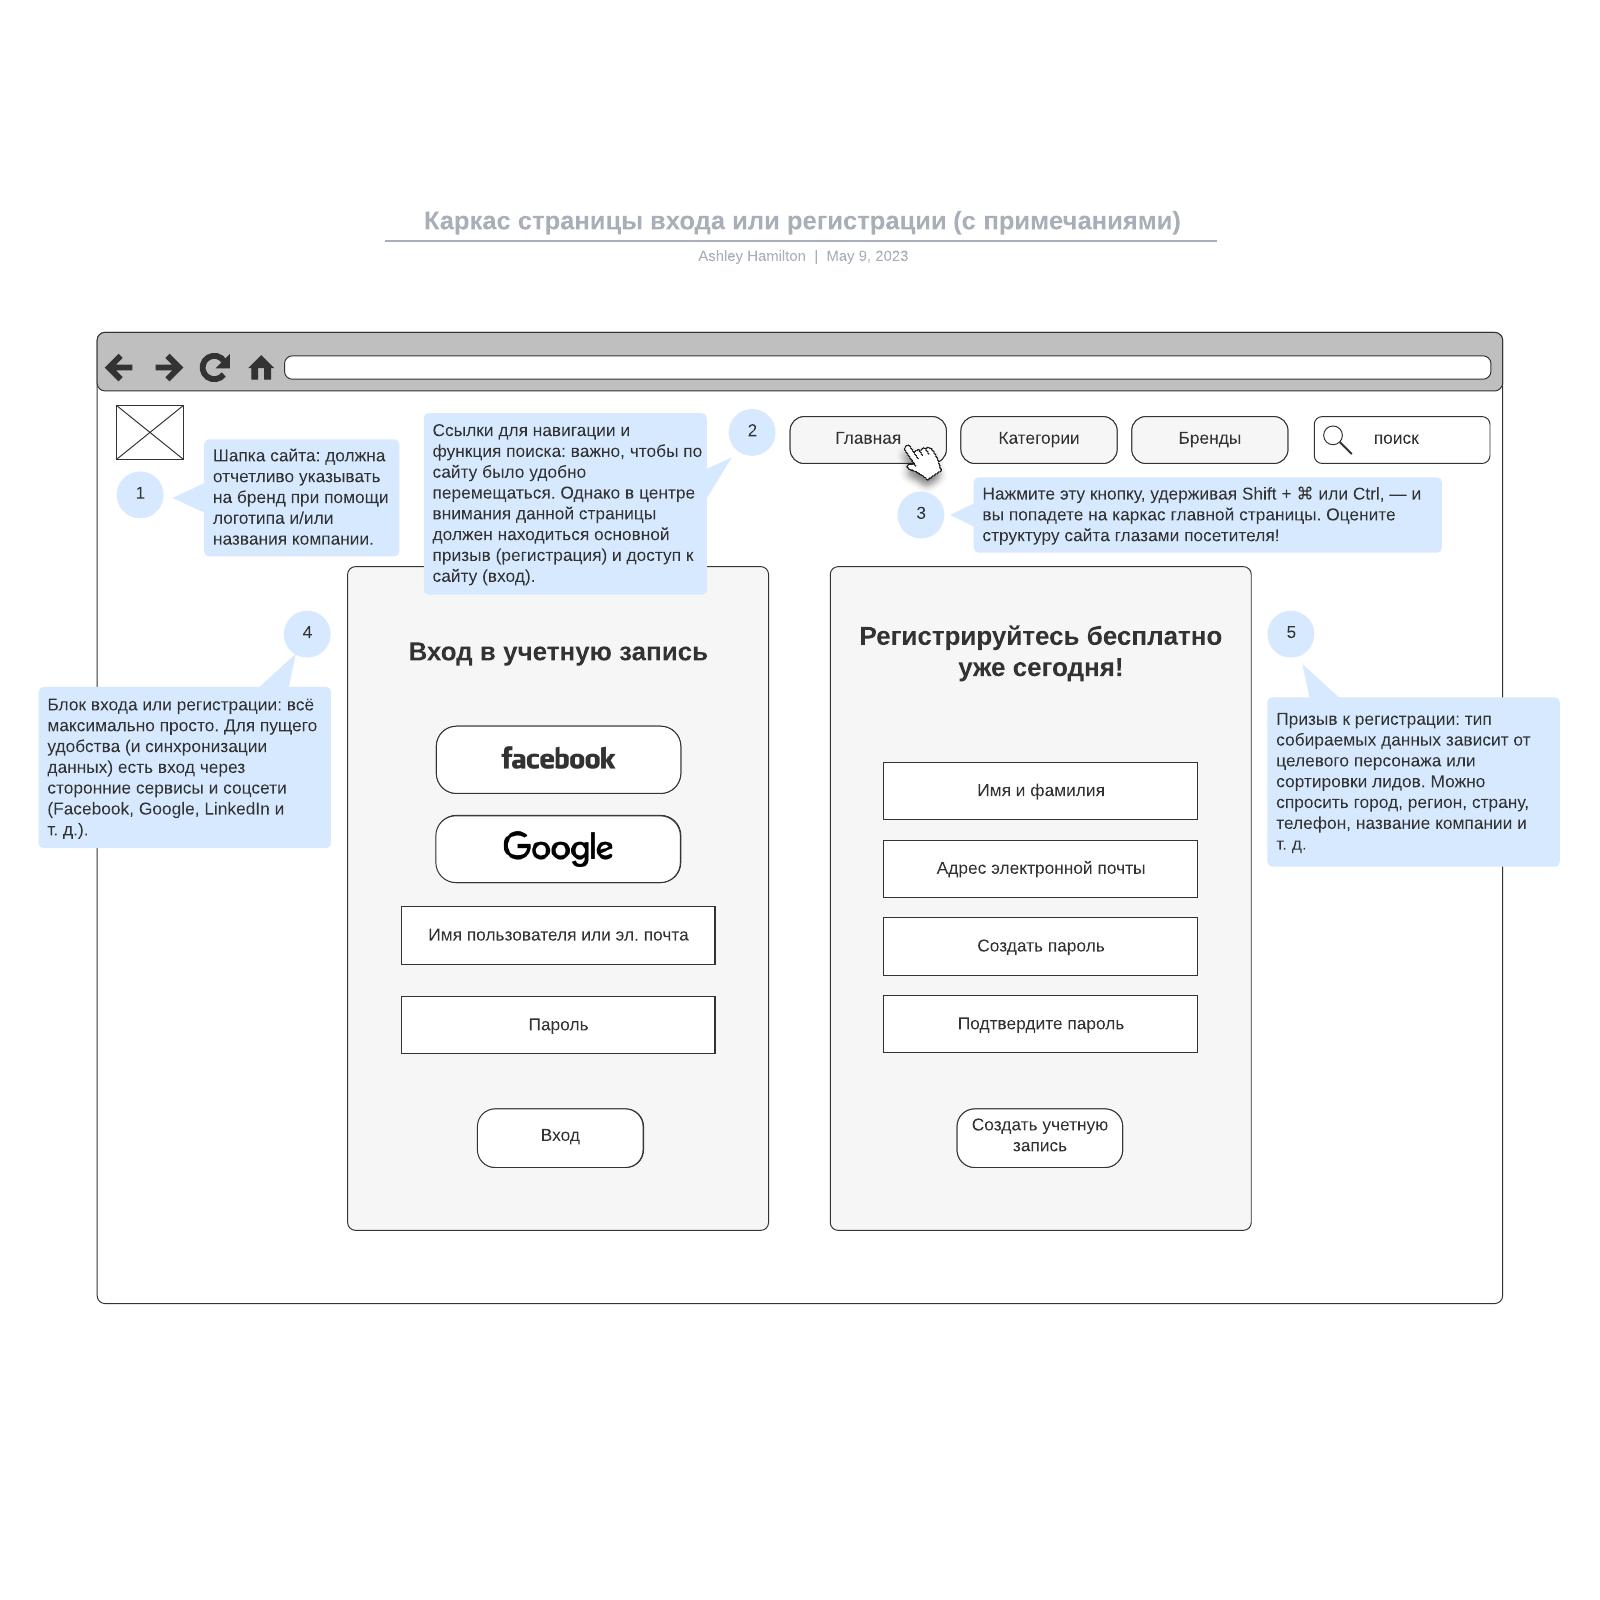 Каркас страницы входа или регистрации (с примечаниями)